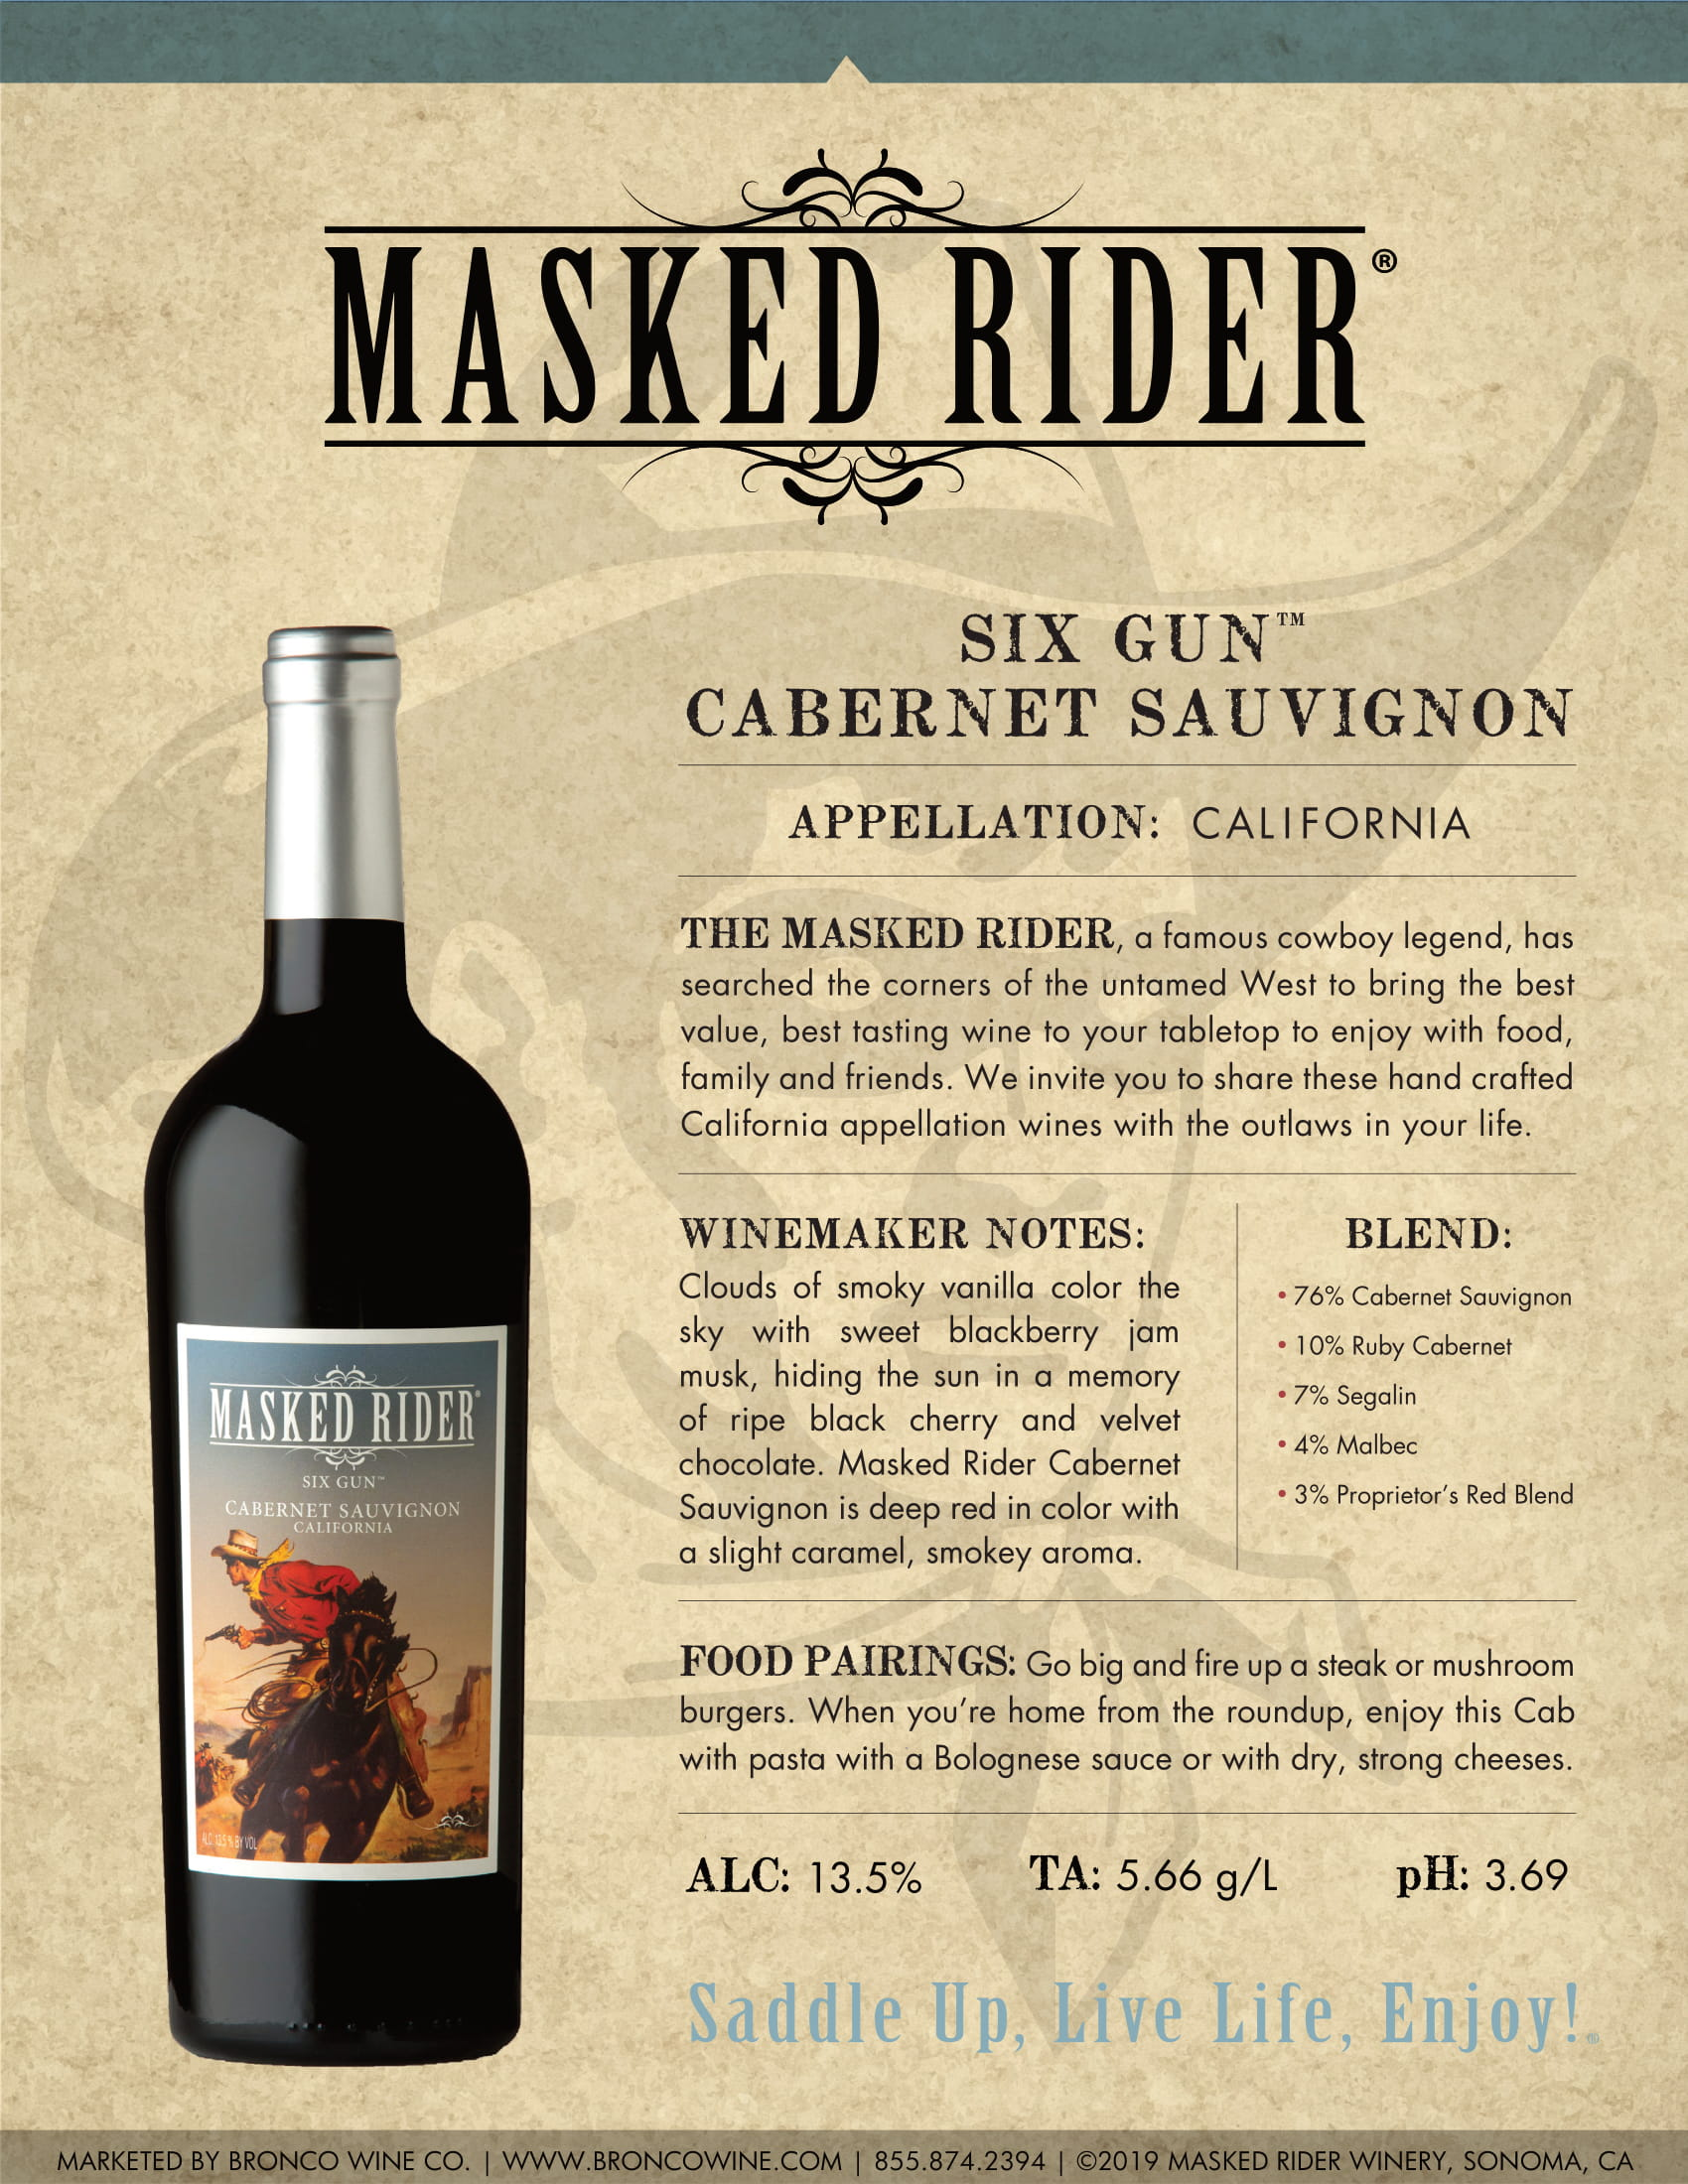 Masked Rider Six Gun Cabernet Sauvignon Tech Sheet